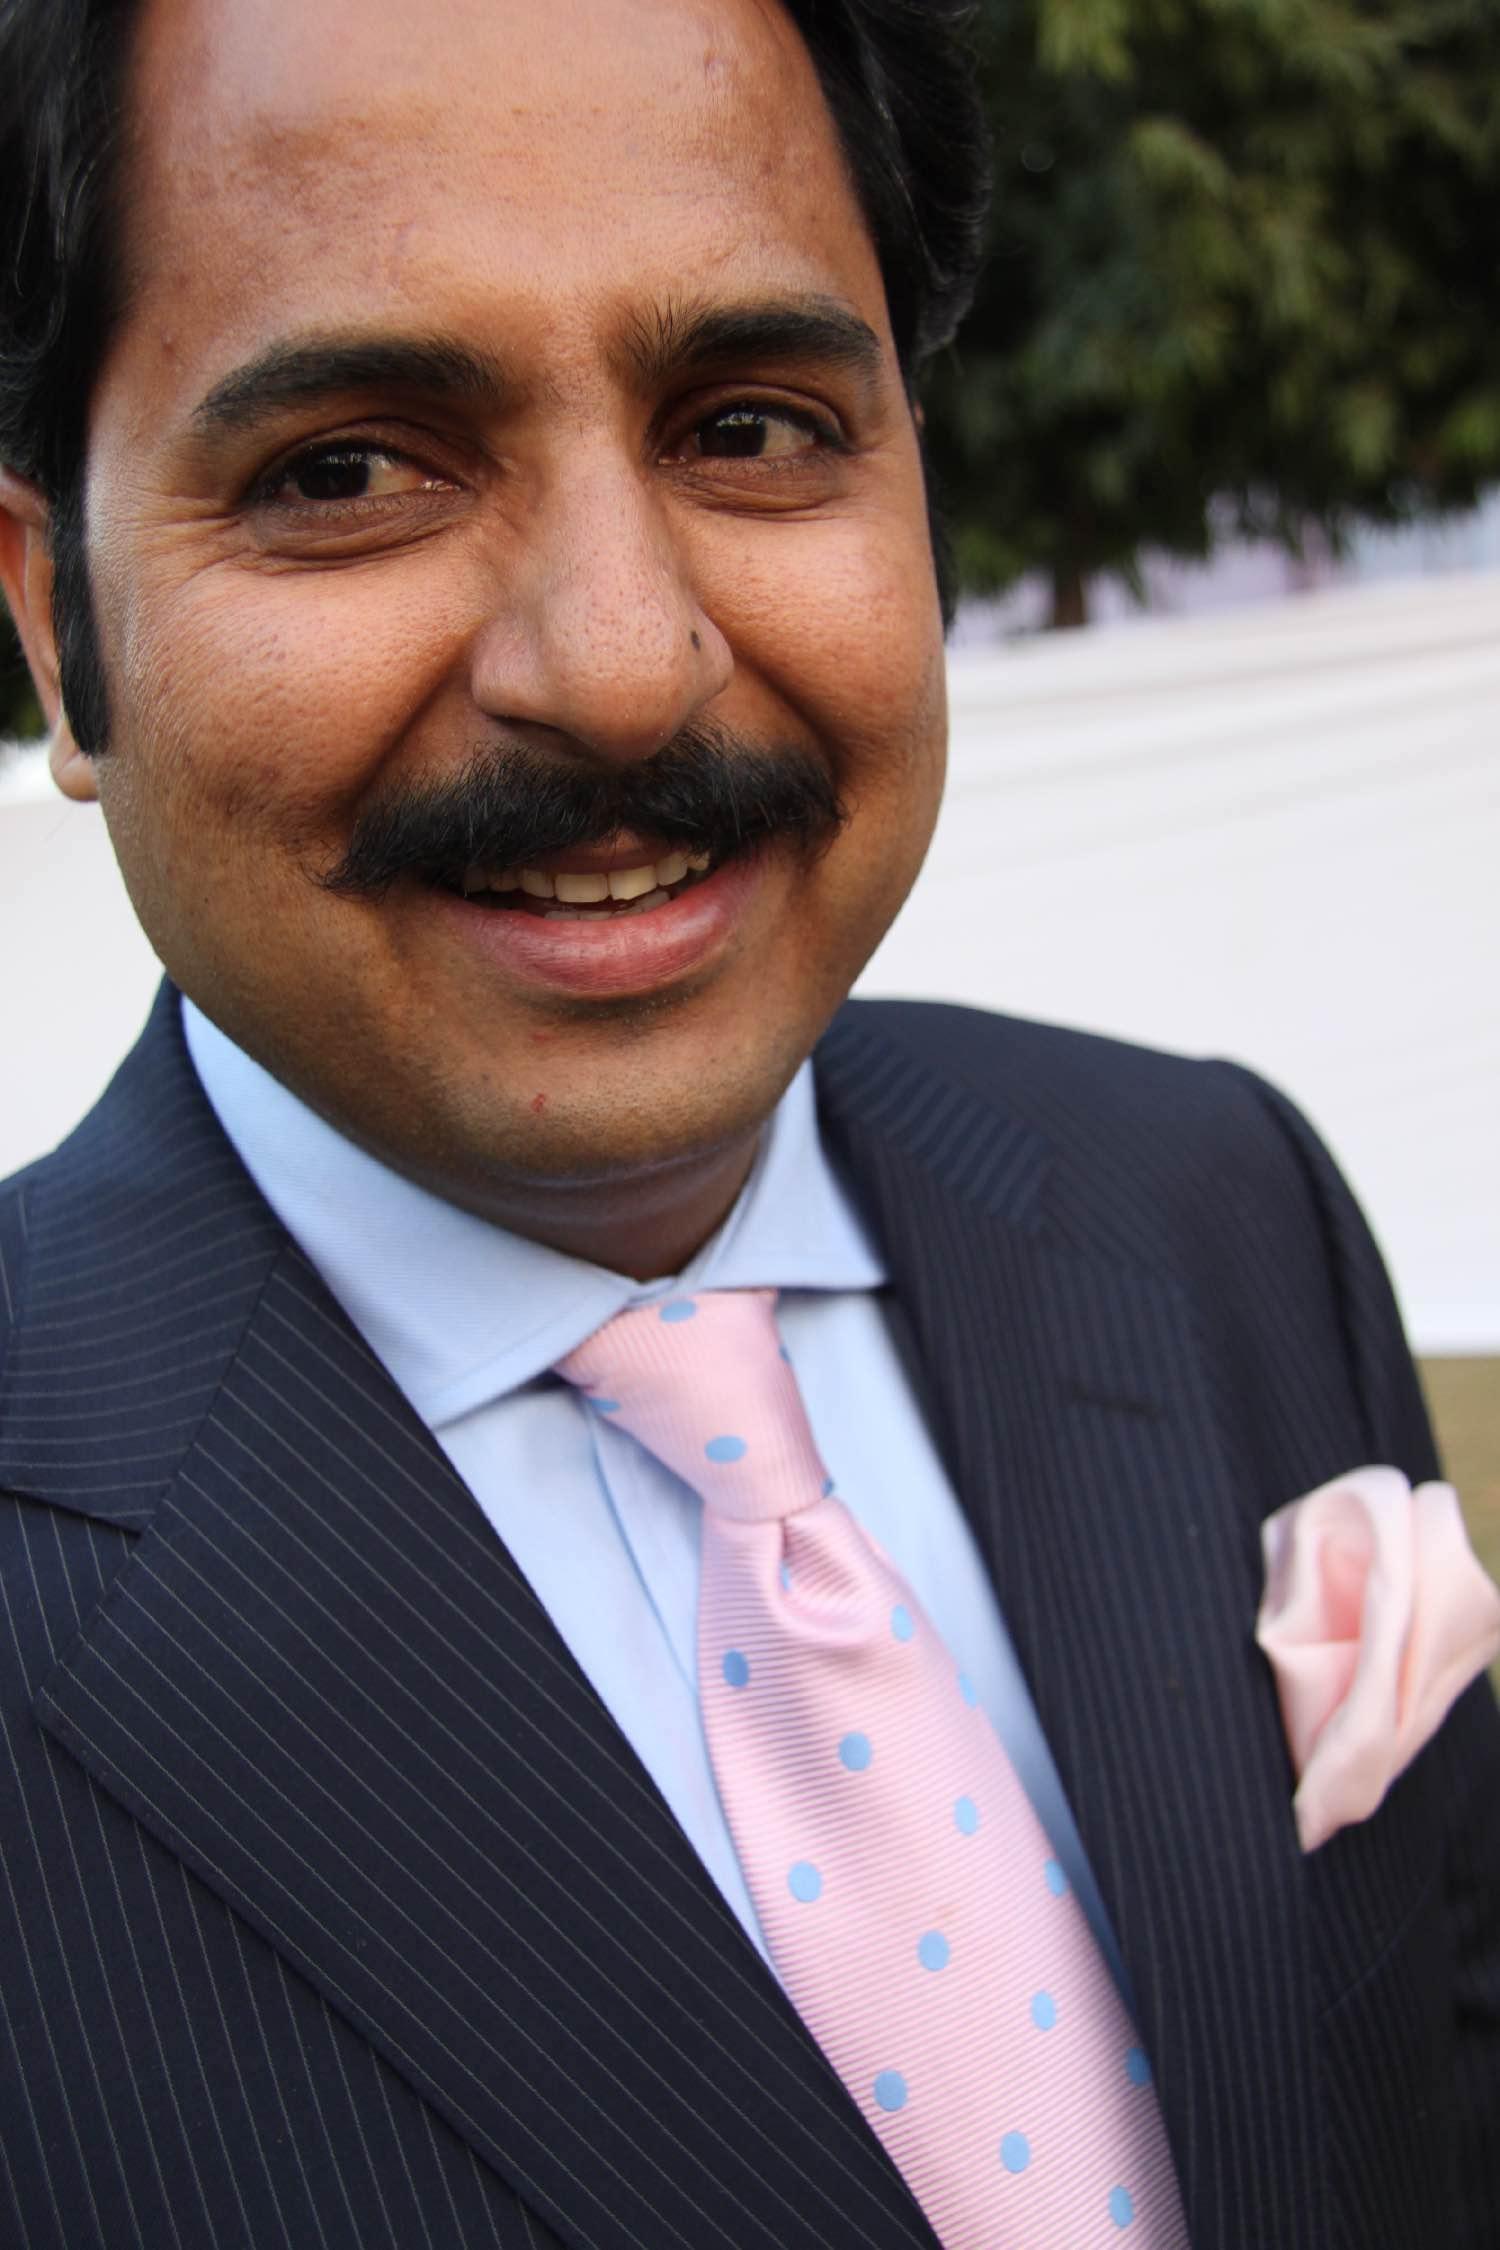 Narendra Singh Rajawat | Diya Kumani princess's husband | Jaipur polo club | Rambagh Polo Club | Jaipur | Royal family | India | ©sandrine cohen